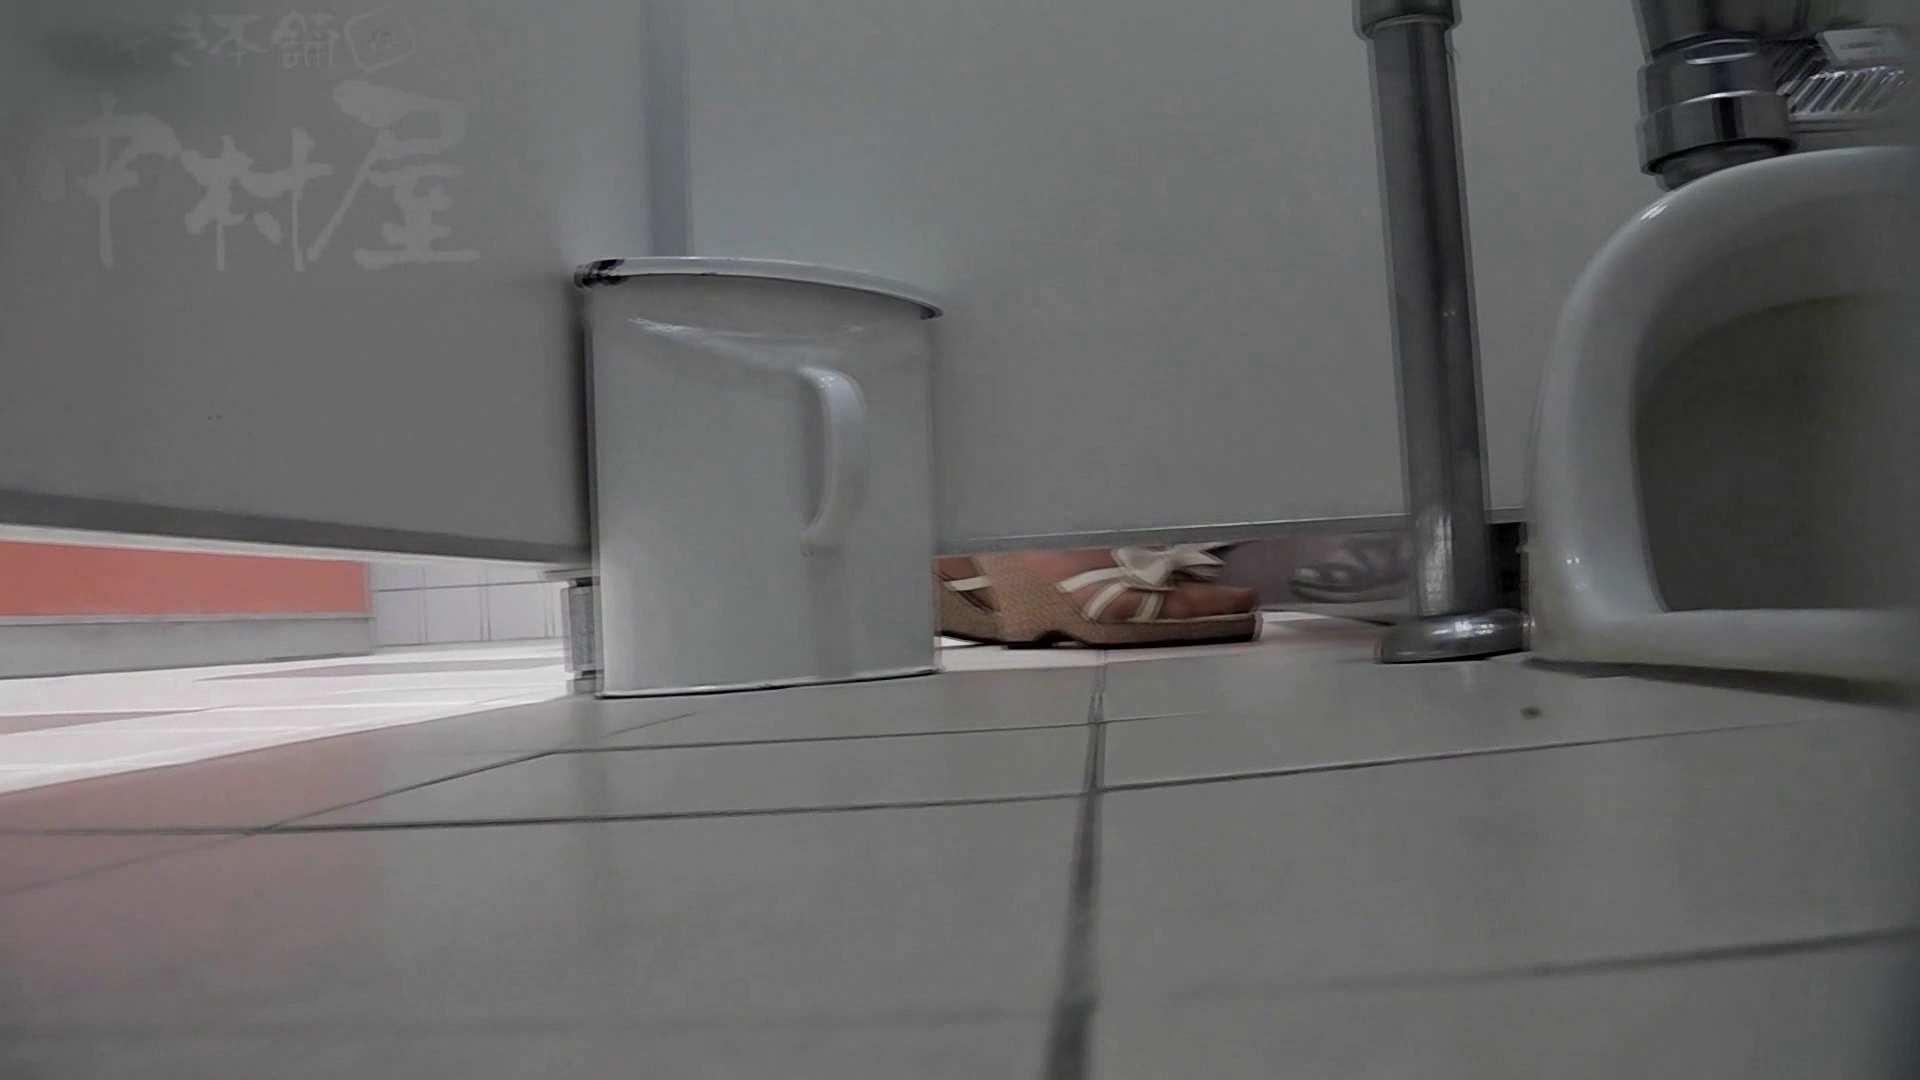 美しい日本の未来 No.08 腕を磨き再発進 卑猥 われめAV動画紹介 51連発 21